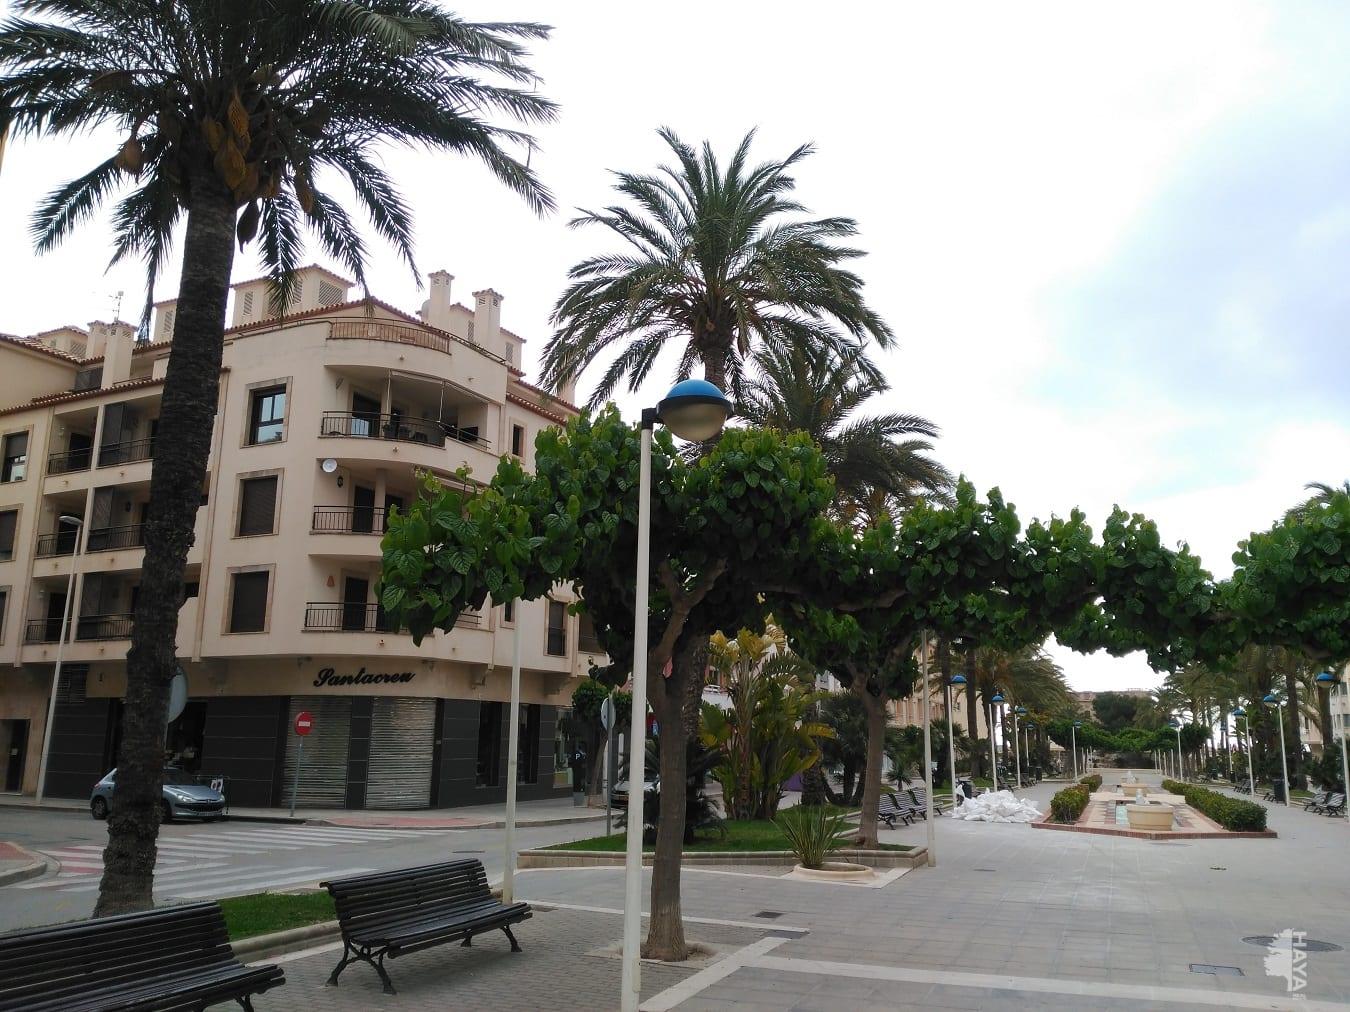 Piso en venta en Teulada, Alicante, Calle Marjeleta, 143.000 €, 1 habitación, 1 baño, 61 m2